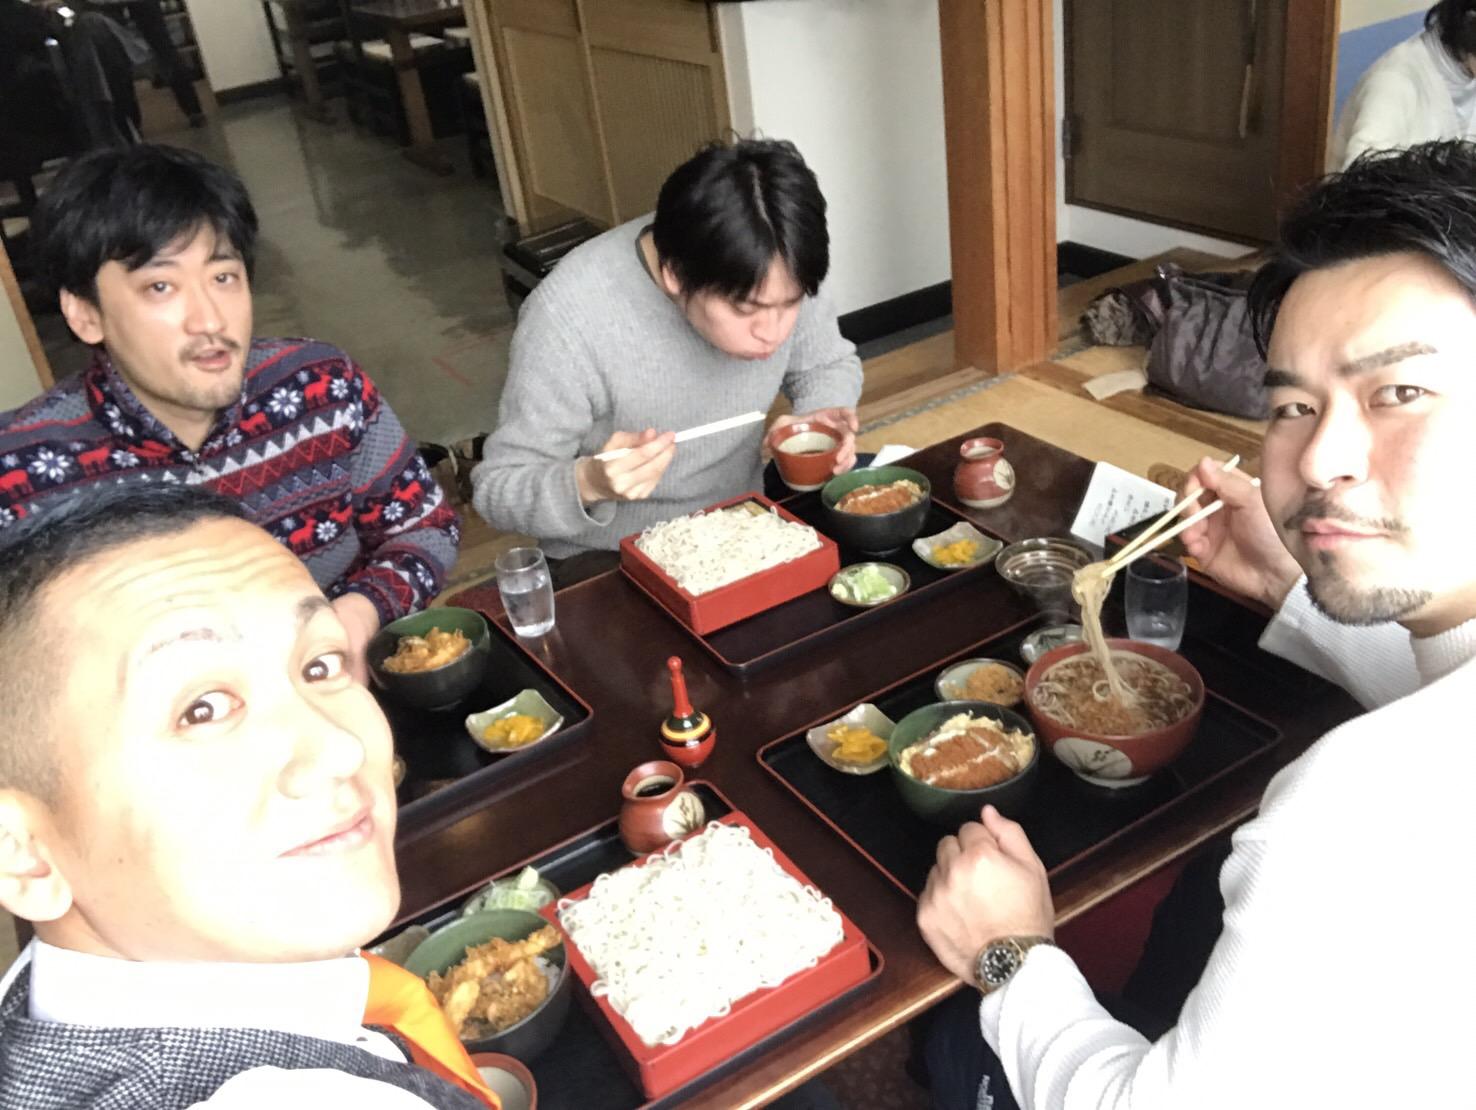 11月26日 土曜日のKENブログ( 'ω' ) ドローン空撮DAY!_b0127002_1758828.jpg